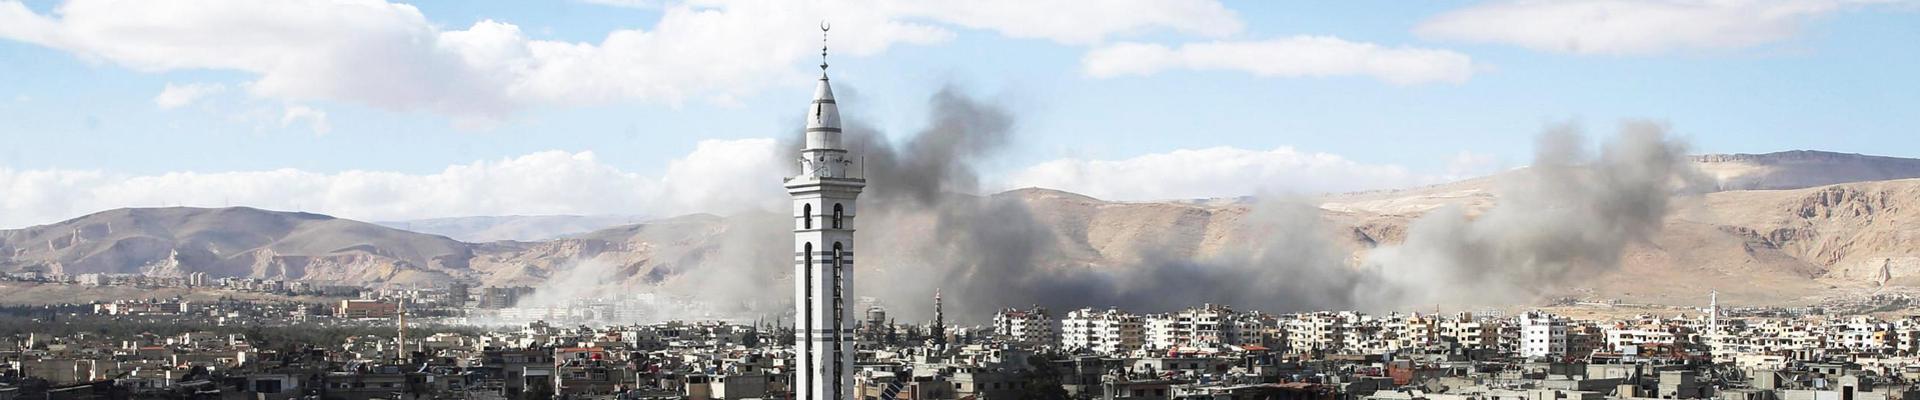 Istanbul Syria Summit